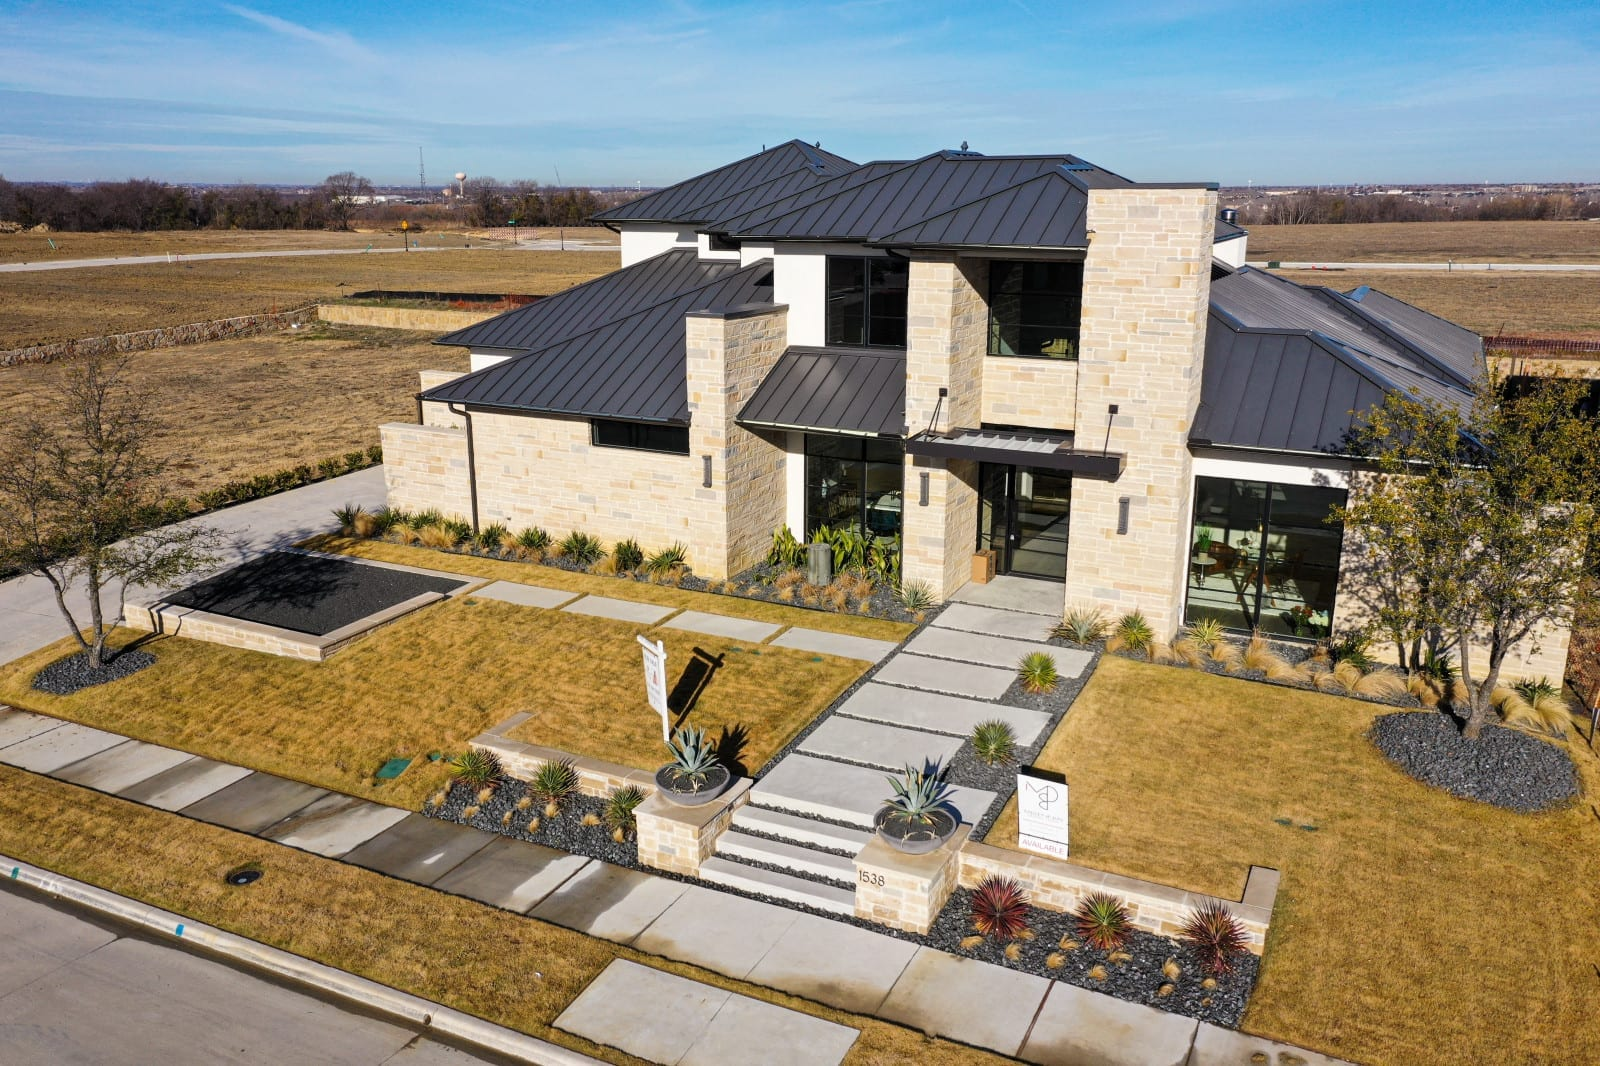 modern home design 5 - Millennial Design + Build